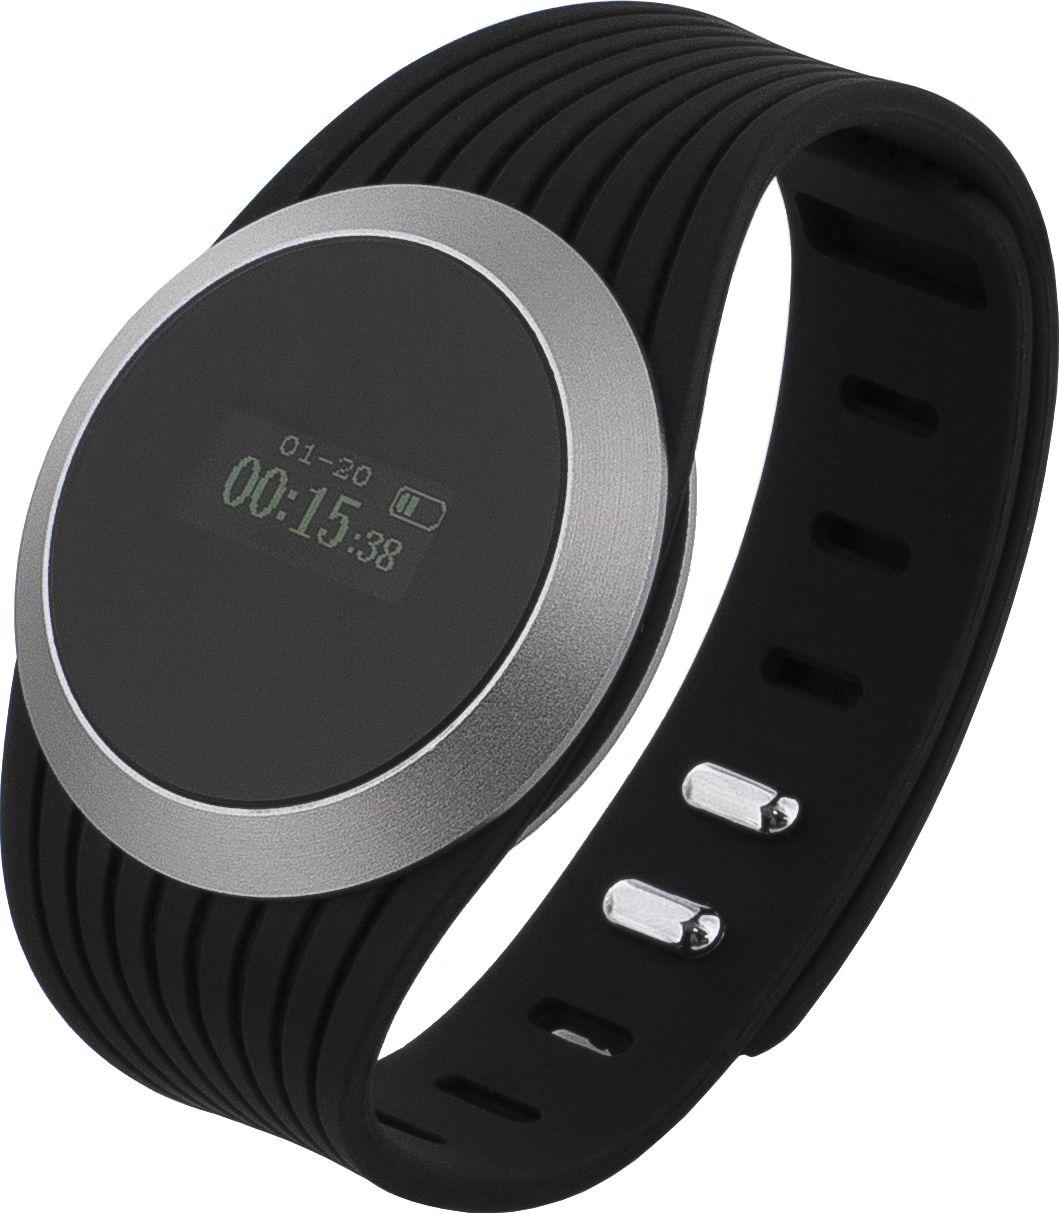 Streetz HLT-1002 smartwatch